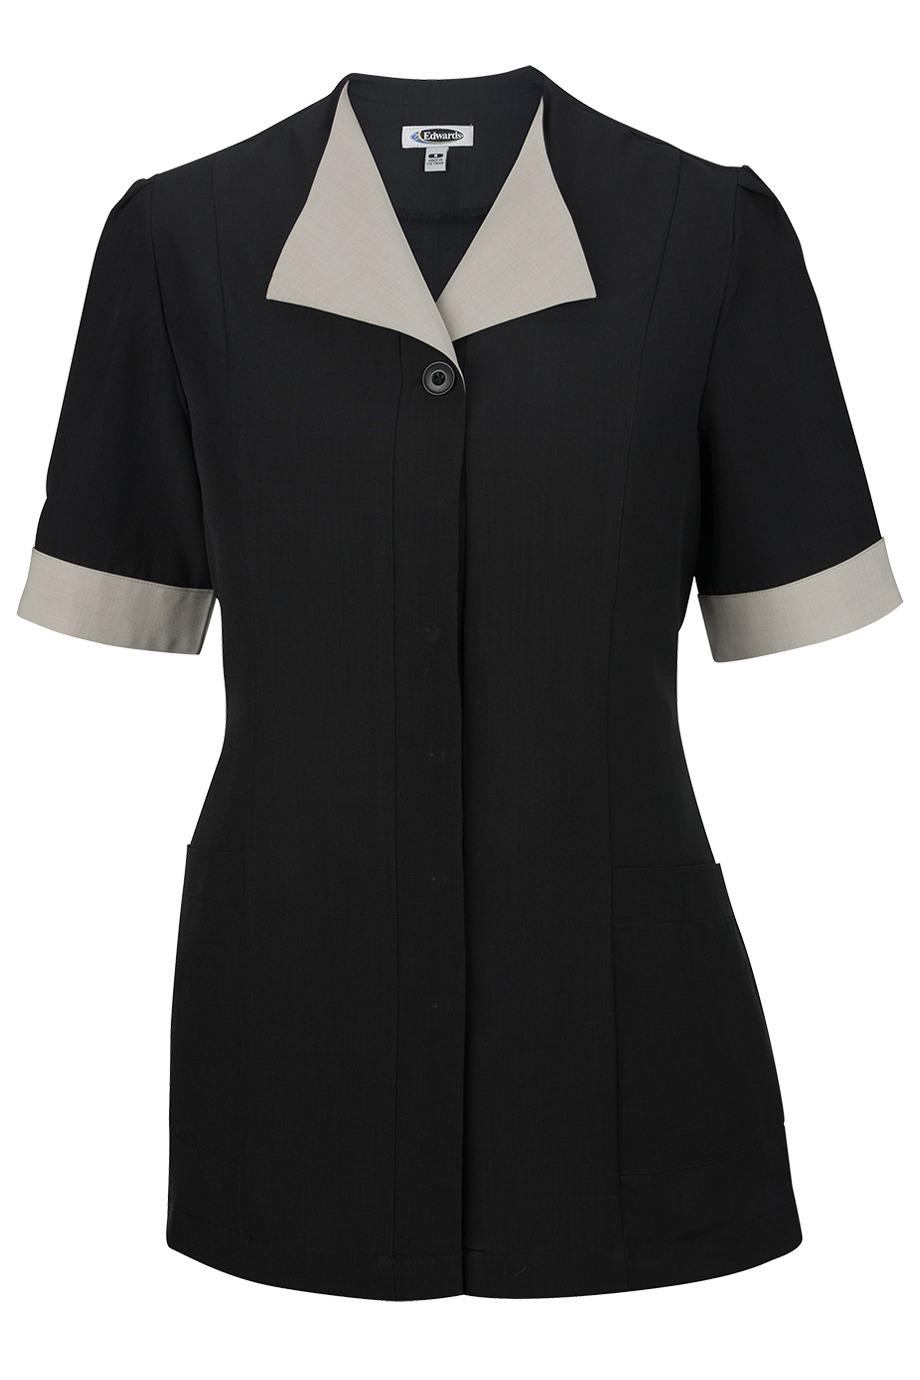 Edwards Garment 7280 - Pinnacle Housekeeping Tunic